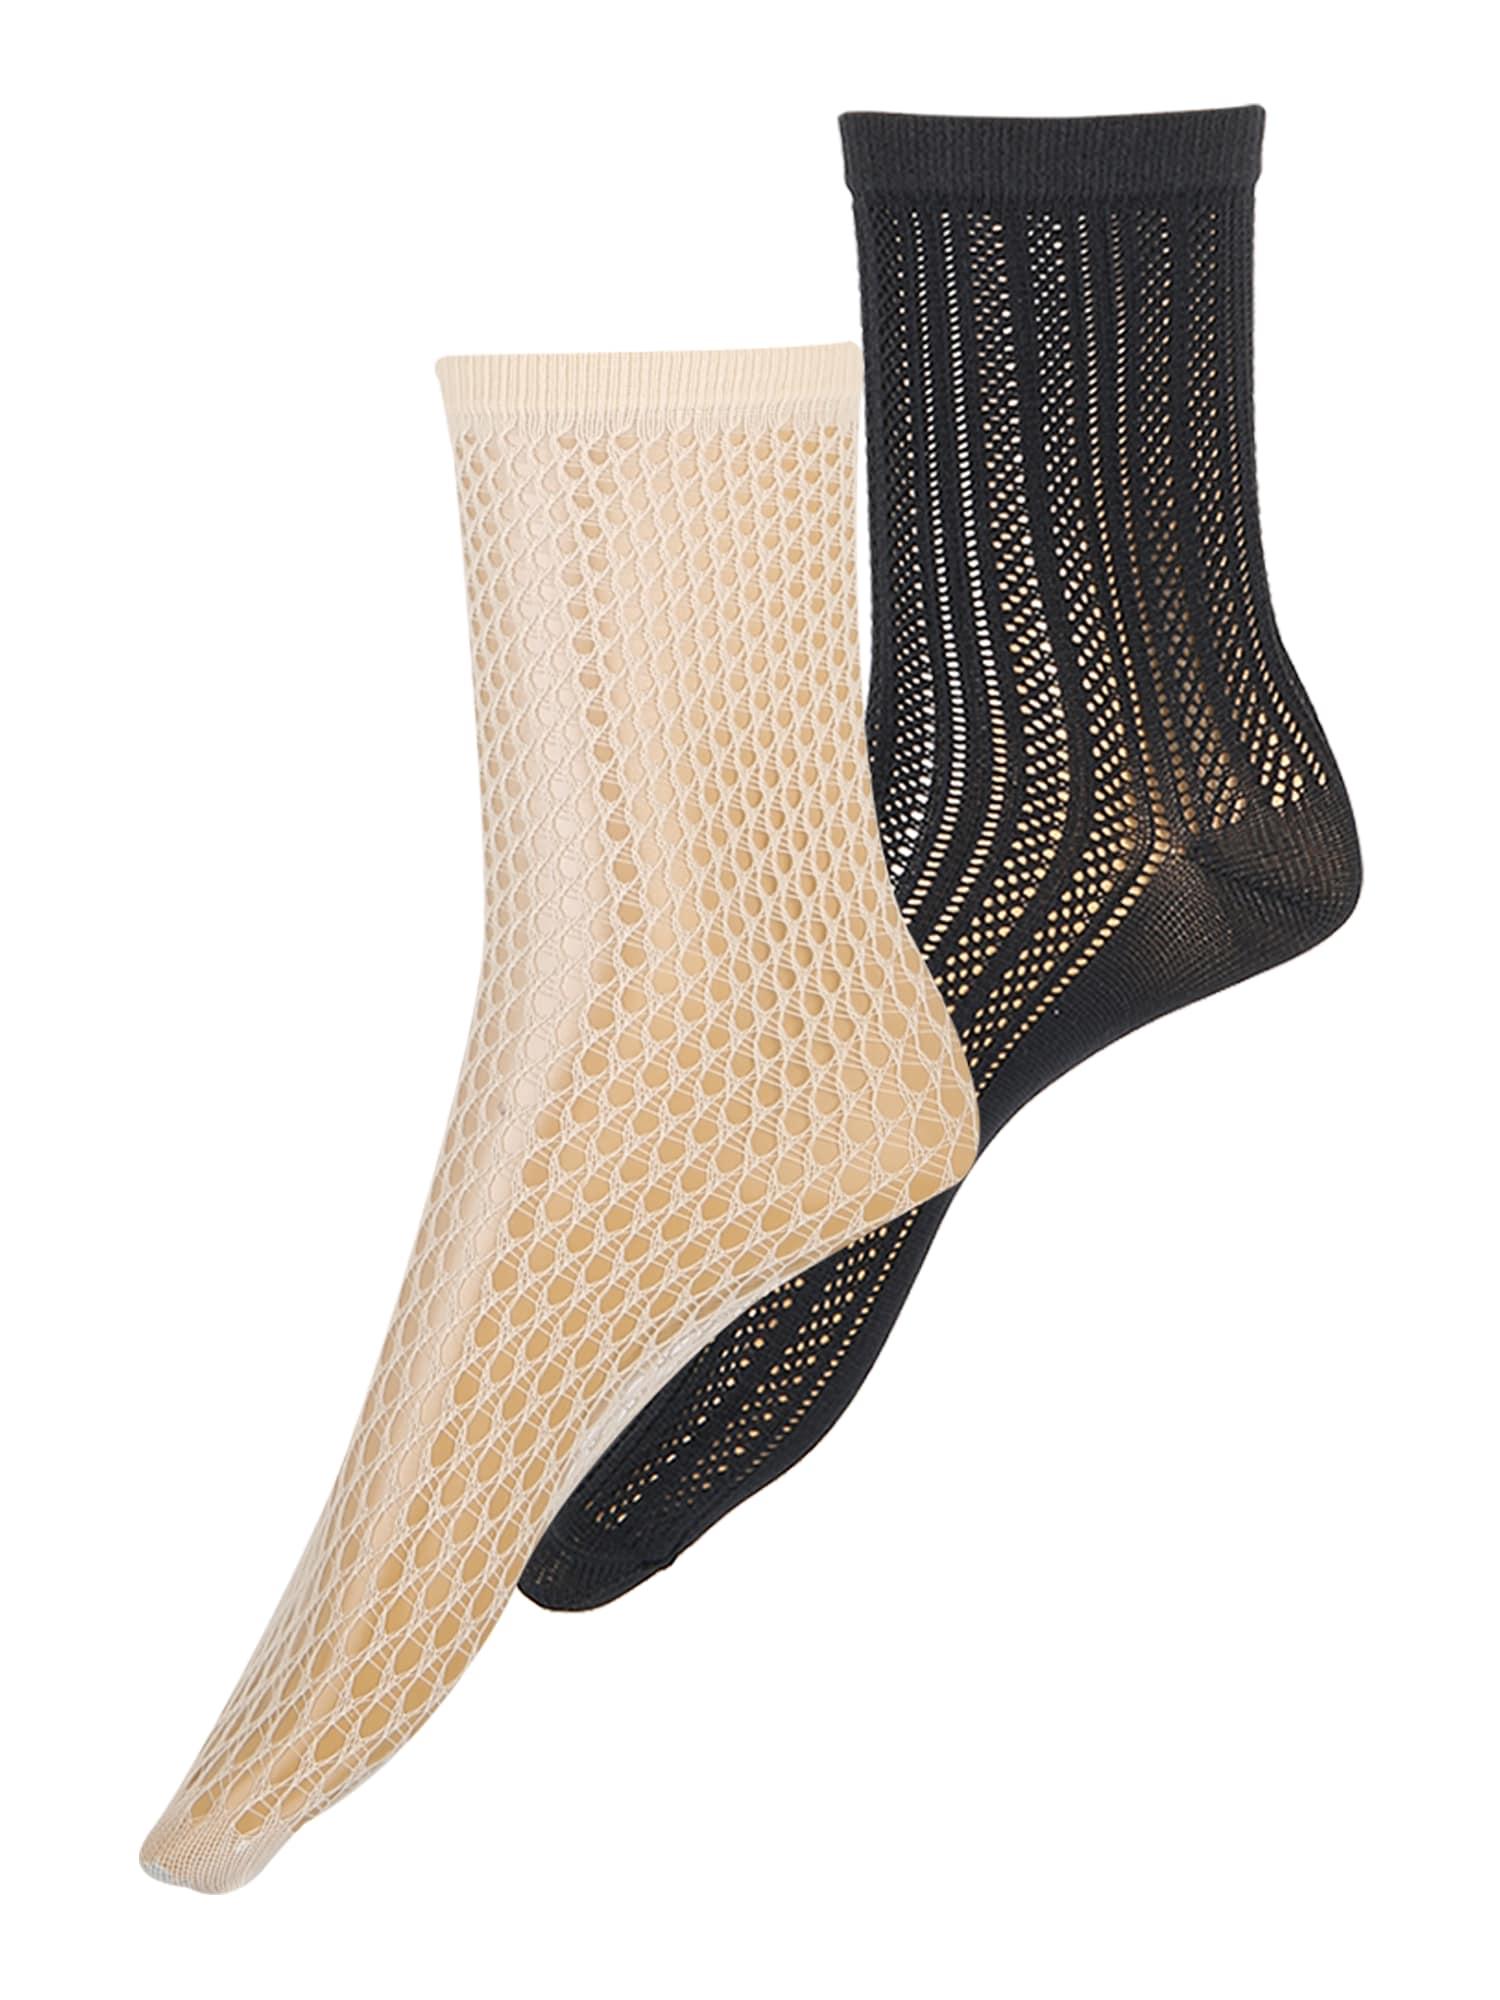 Swedish Stockings Madingos prisegamos kojinės